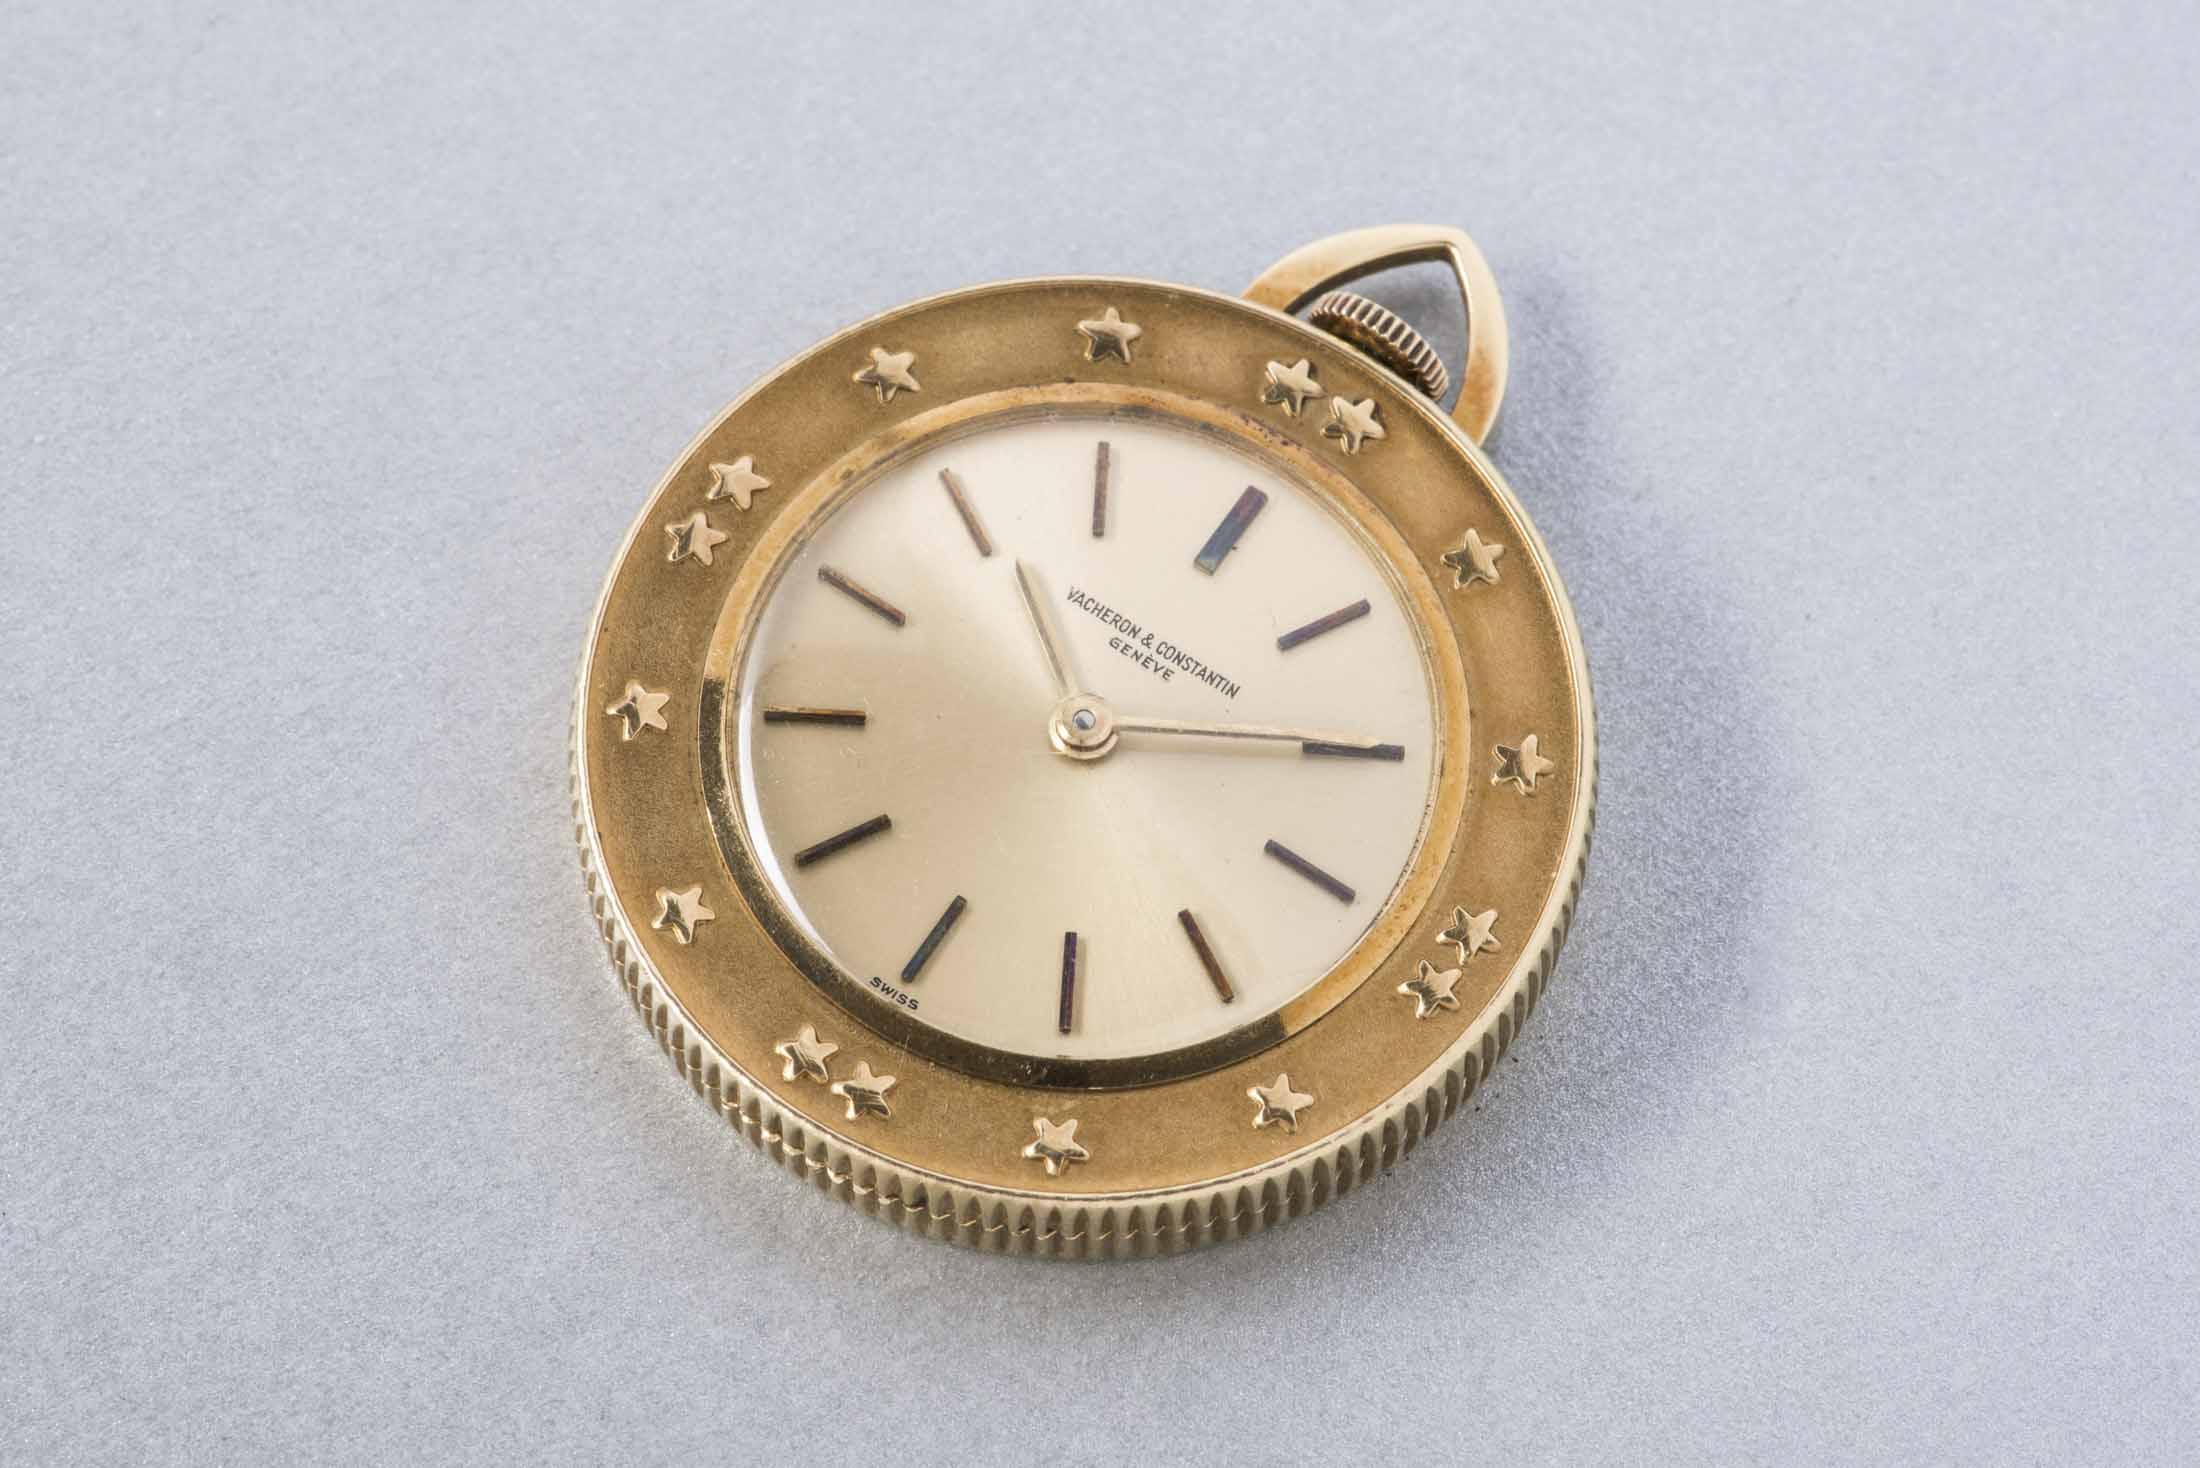 Vacheron Constantin Gold Coin Medallion Watch